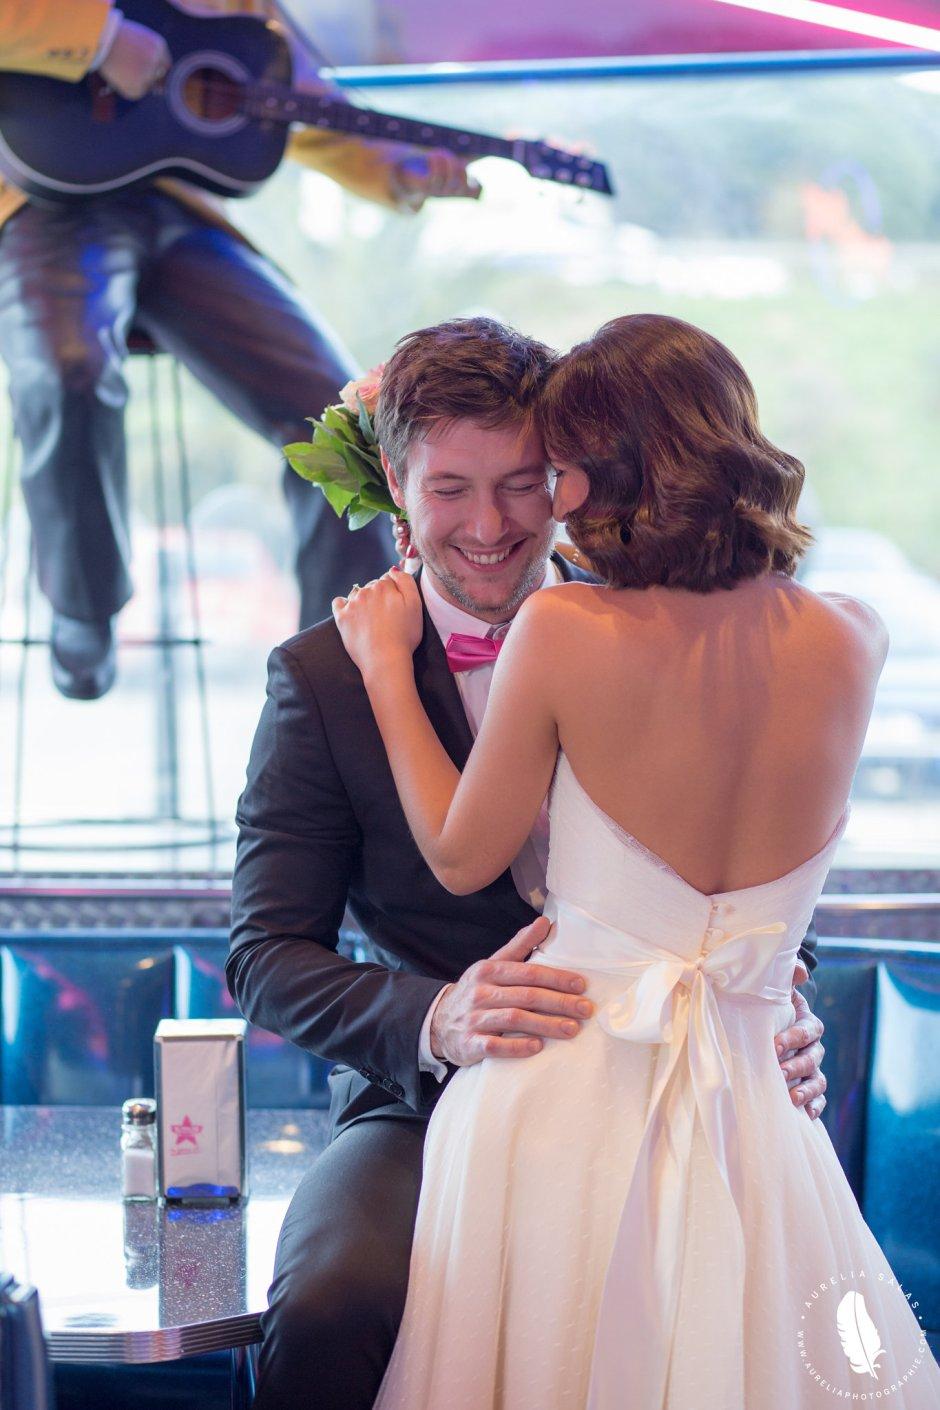 mariage-retro-fifties-la-blogueuse-mariage-14